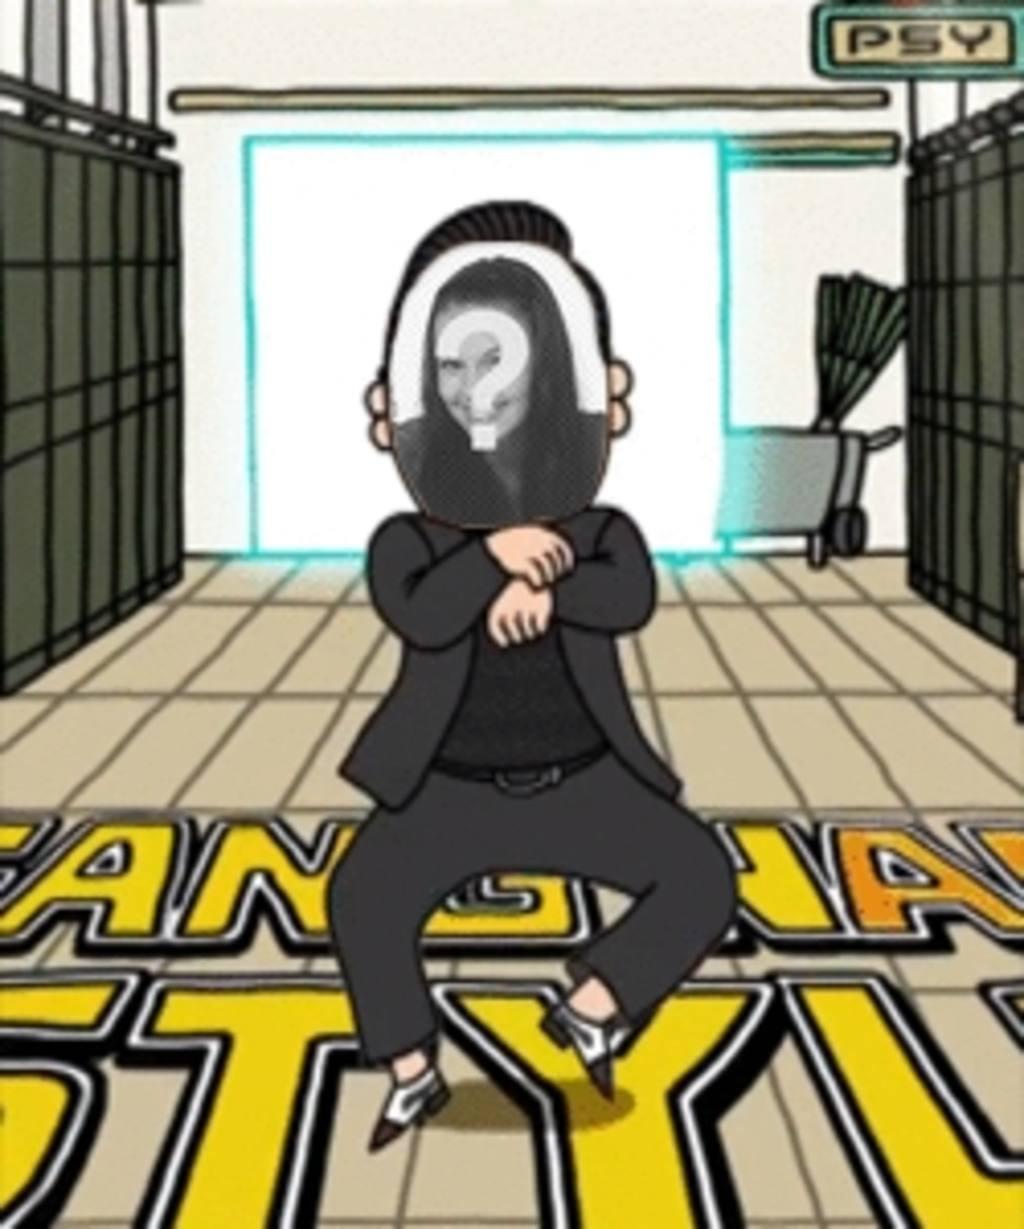 Crie sua própria animação de Gagnam Style de Psy  com sua própria foto e surpreenda seus amigos